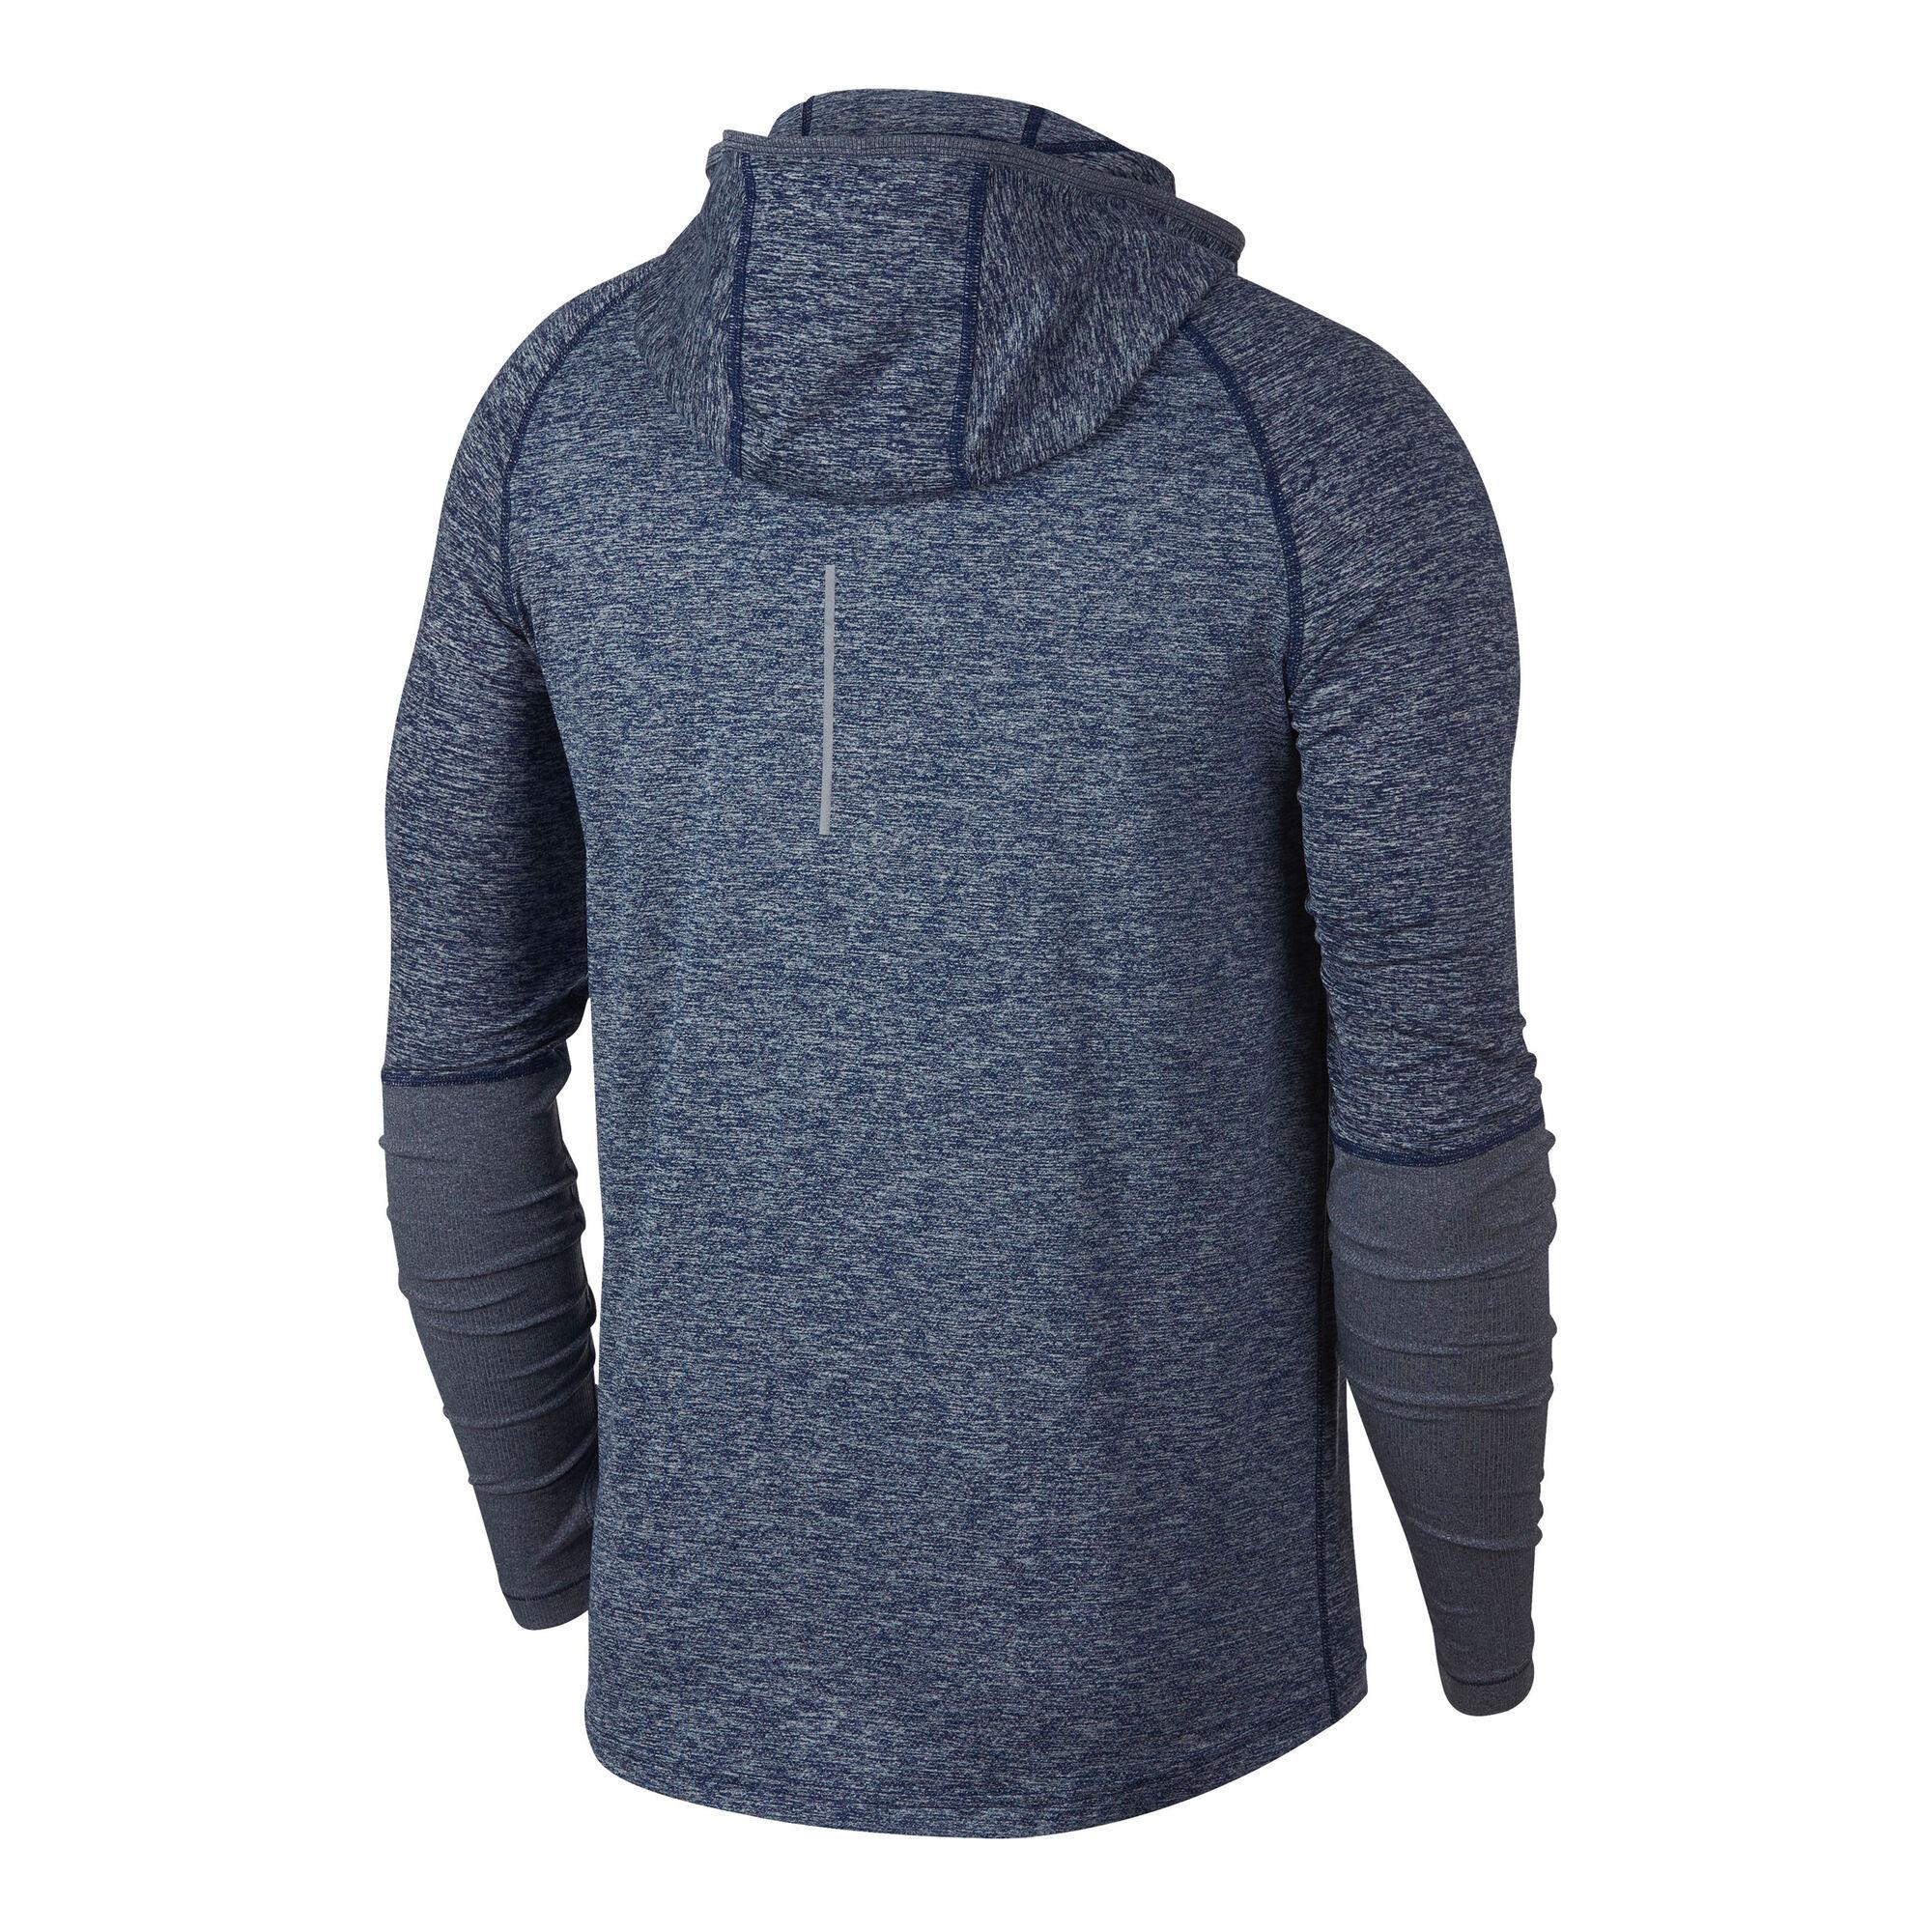 Nike · Nike · Nike · Nike. Element Running Hoodie Men ... 98e4a510b739